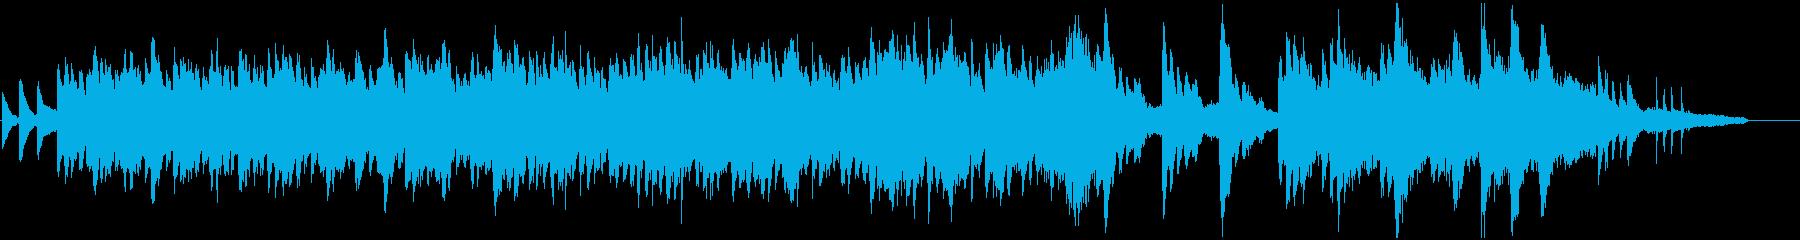 ピアノとストリングスのほのぼのしたBGMの再生済みの波形